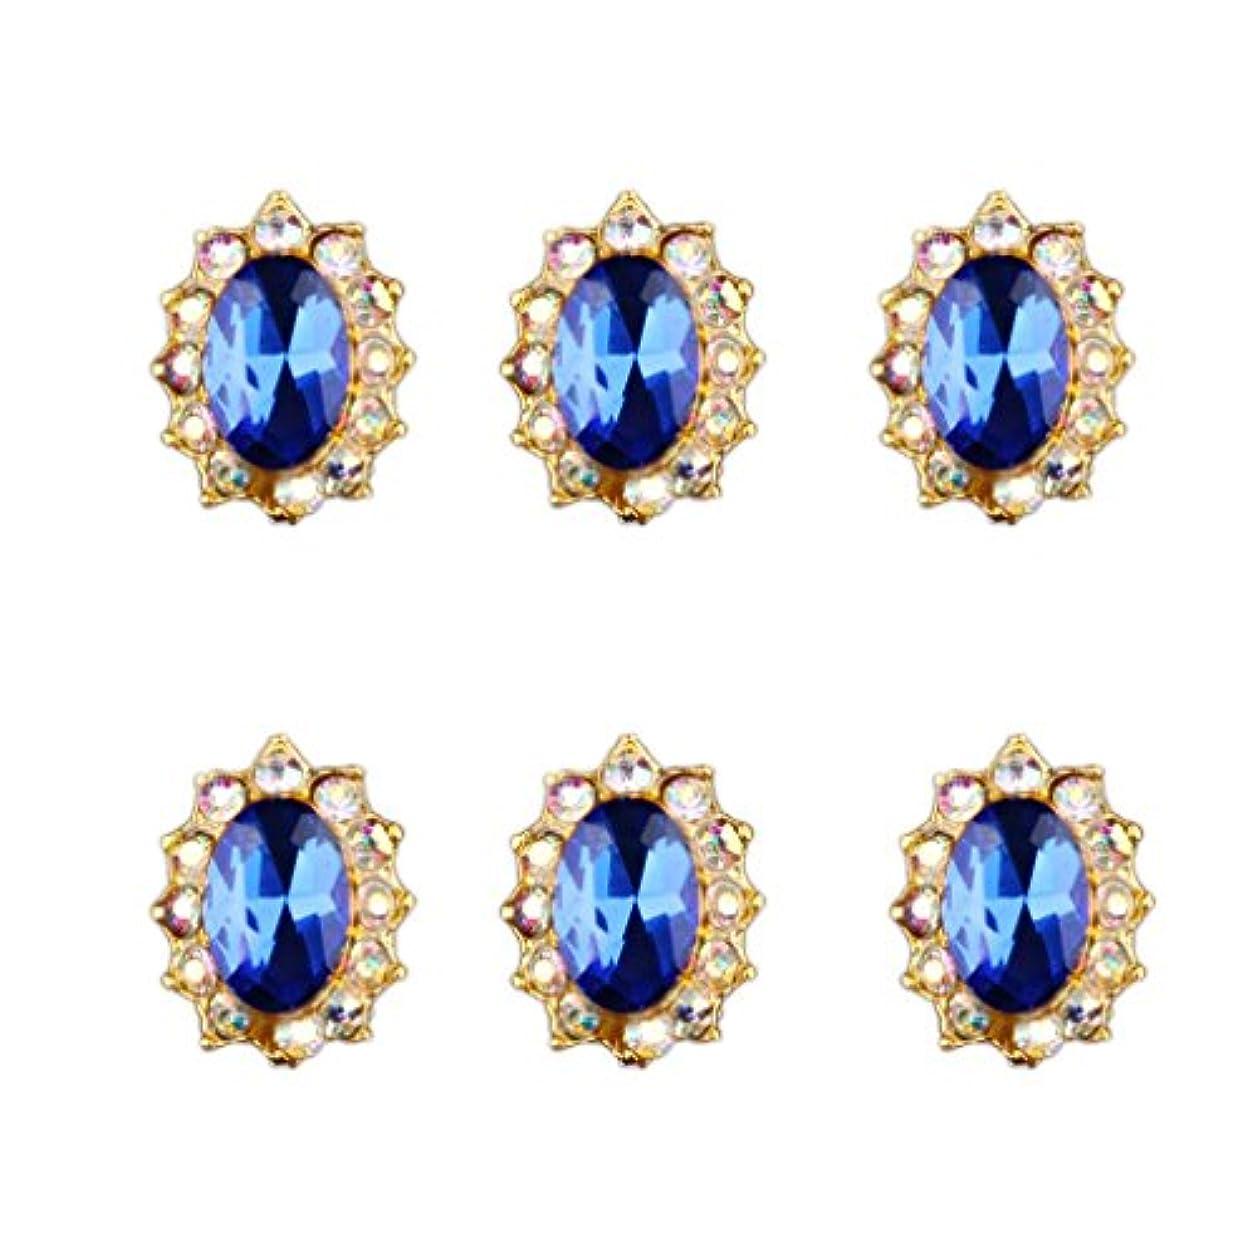 適用済み露傾斜Perfk 10ピース キラキラ ネイル アート デコレーション ラインストーン チャーム ジュエリー 宝石 電話ケース対応 3Dヒントツール きれい 全10種類 - 3